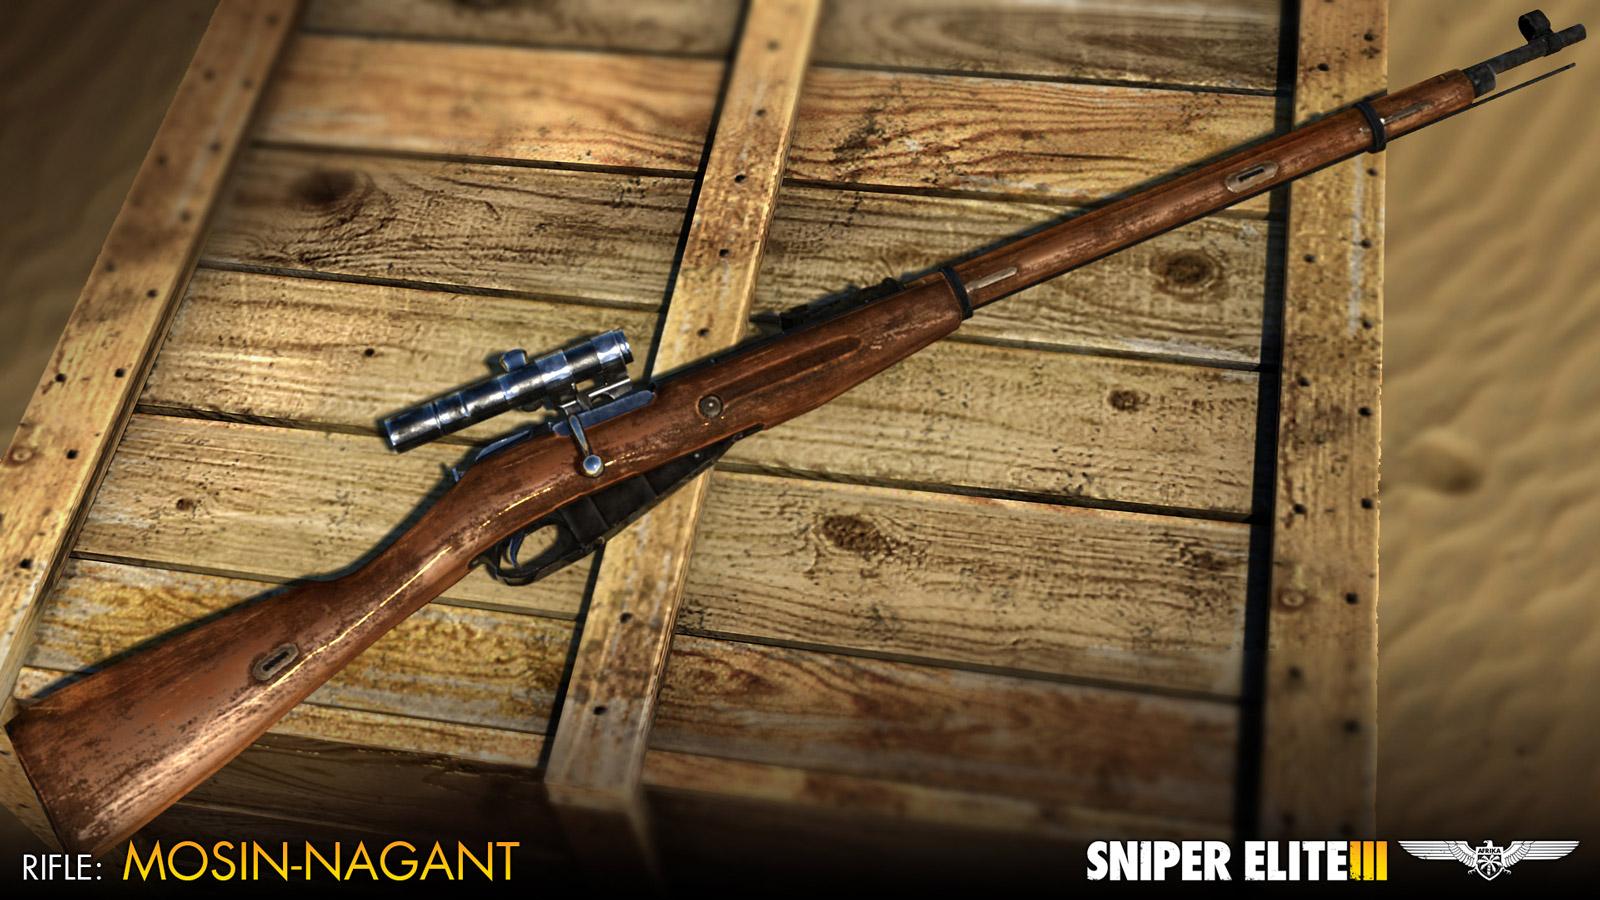 Sniper Elite 3 Wallpaper in 1600x900